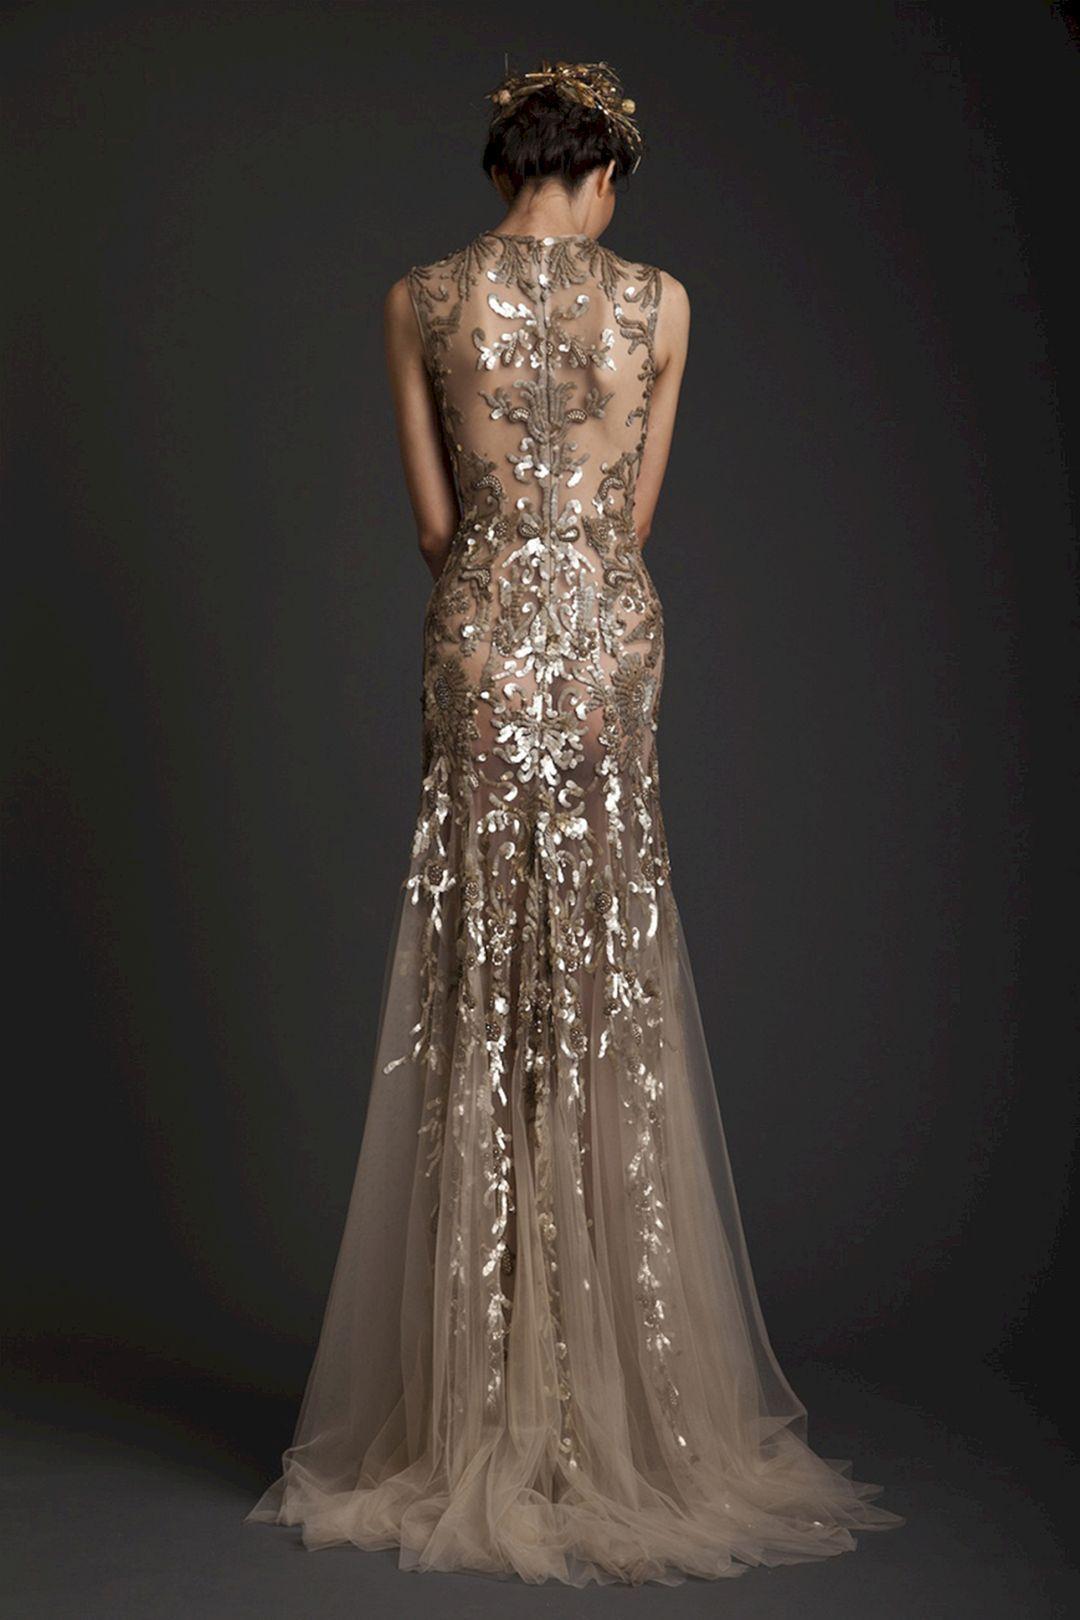 25+ Elegant Gold Dress for Wedding Shoes | Elegant, Gold and ...